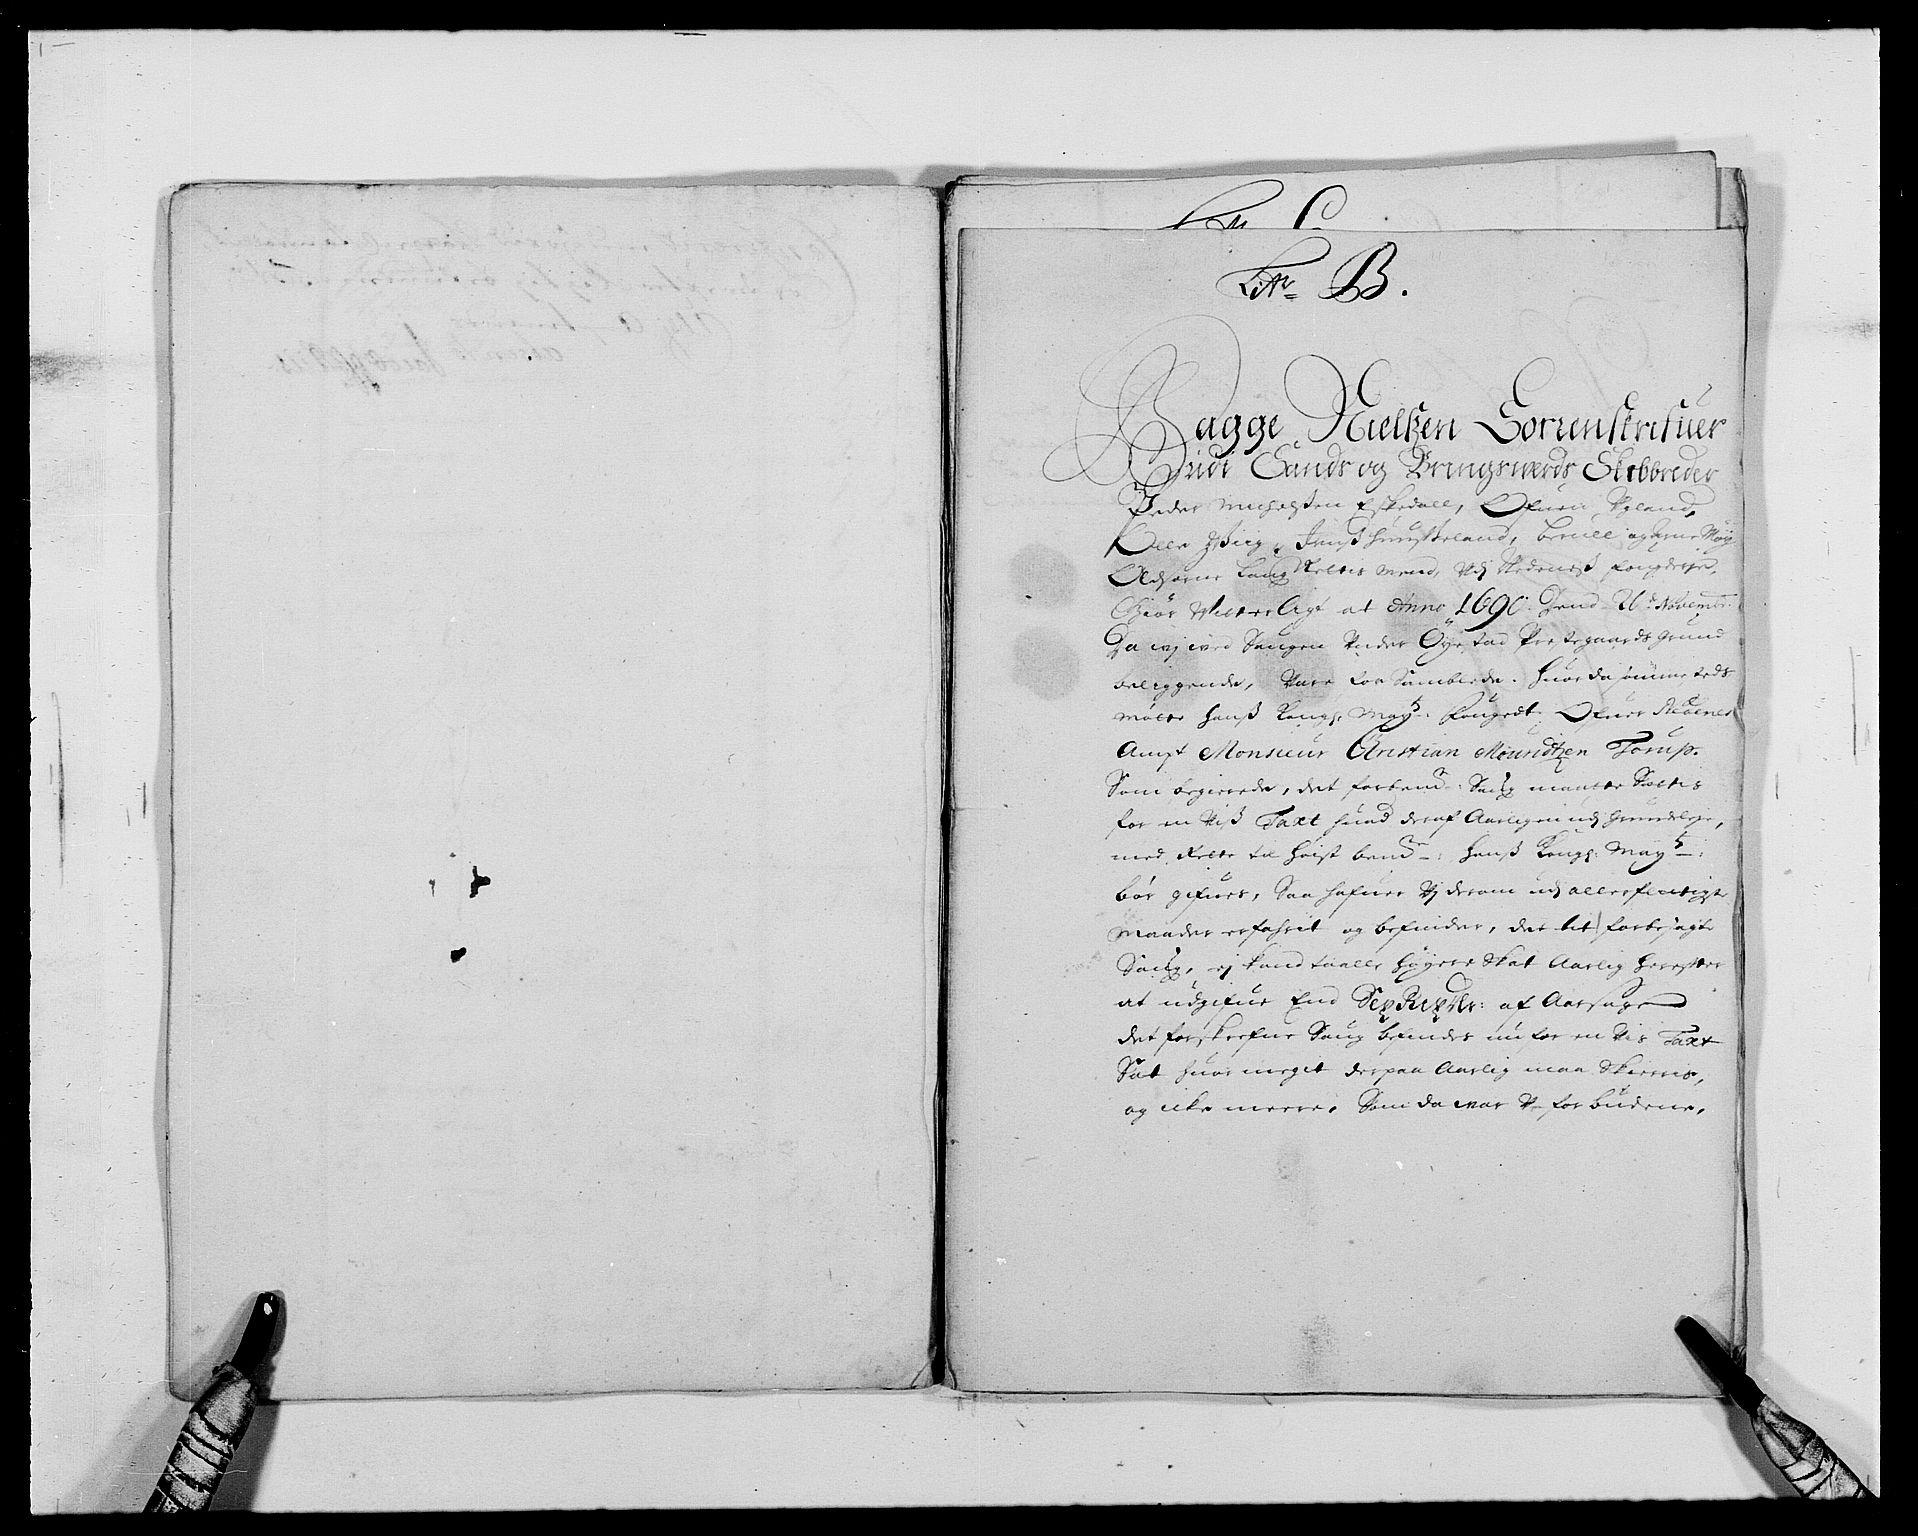 RA, Rentekammeret inntil 1814, Reviderte regnskaper, Fogderegnskap, R39/L2310: Fogderegnskap Nedenes, 1690-1692, s. 112